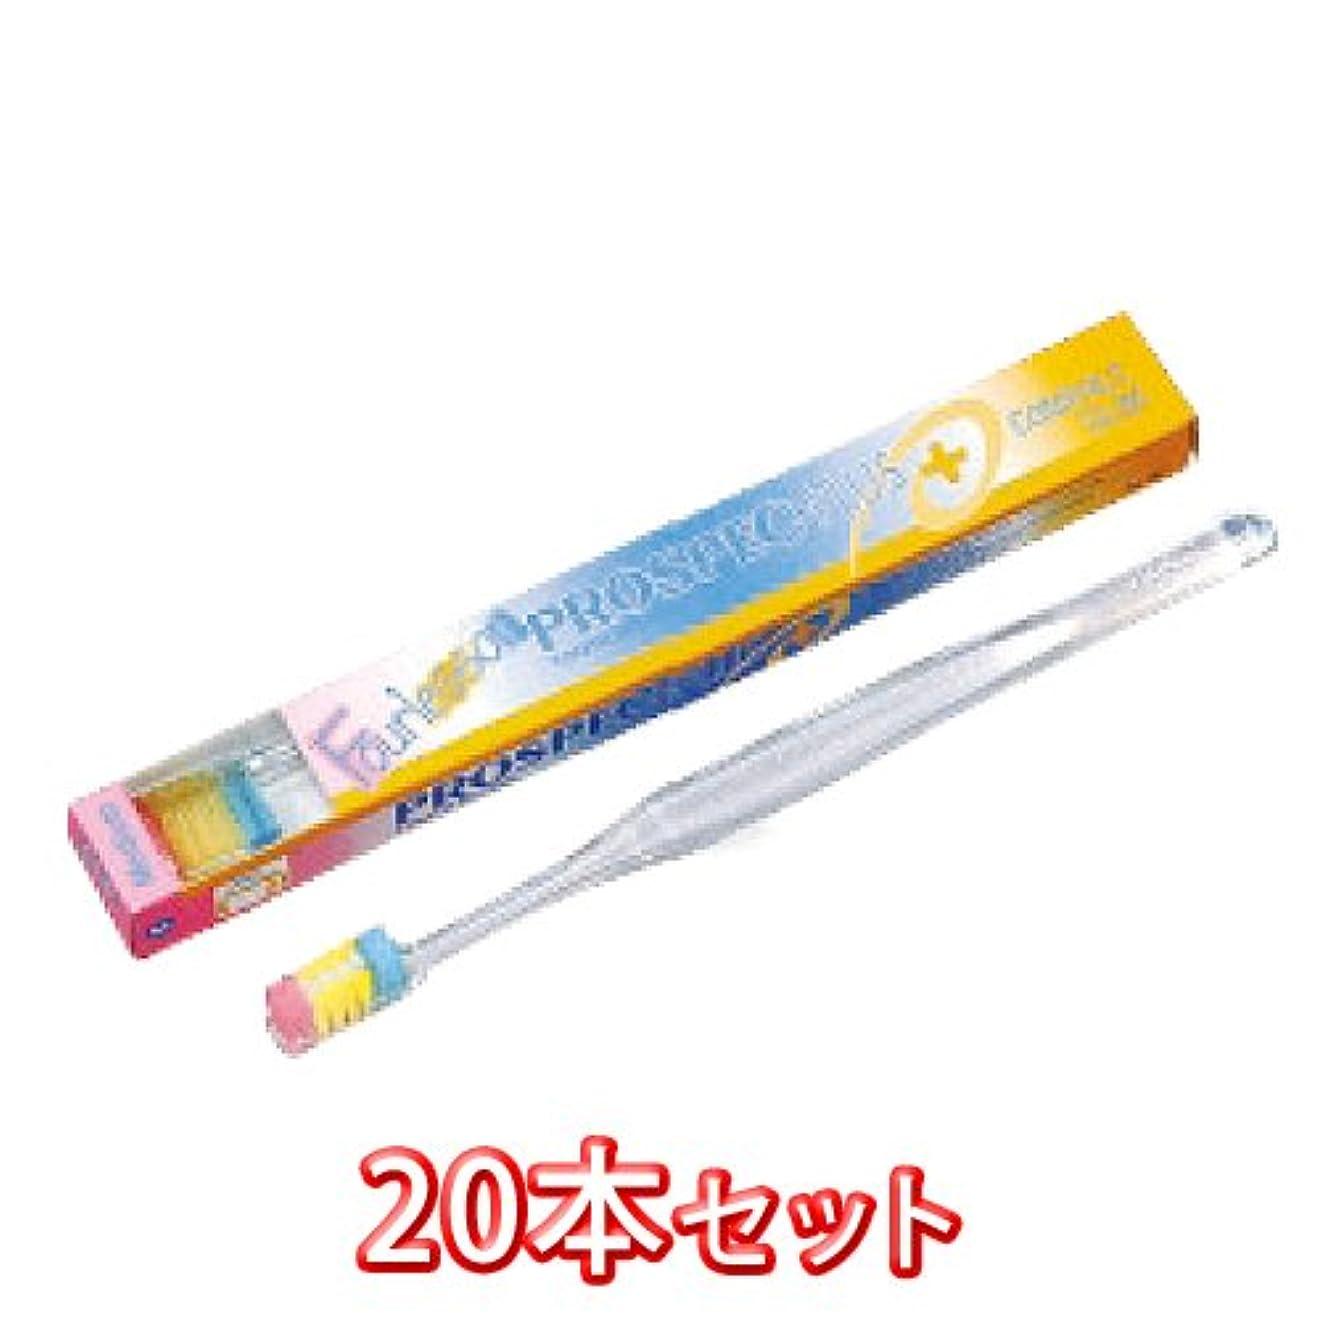 粉砕する授業料引数プロスペック 歯ブラシ コンパクトスリム 20本入 フォーレッスン 毛の硬さ ふつう